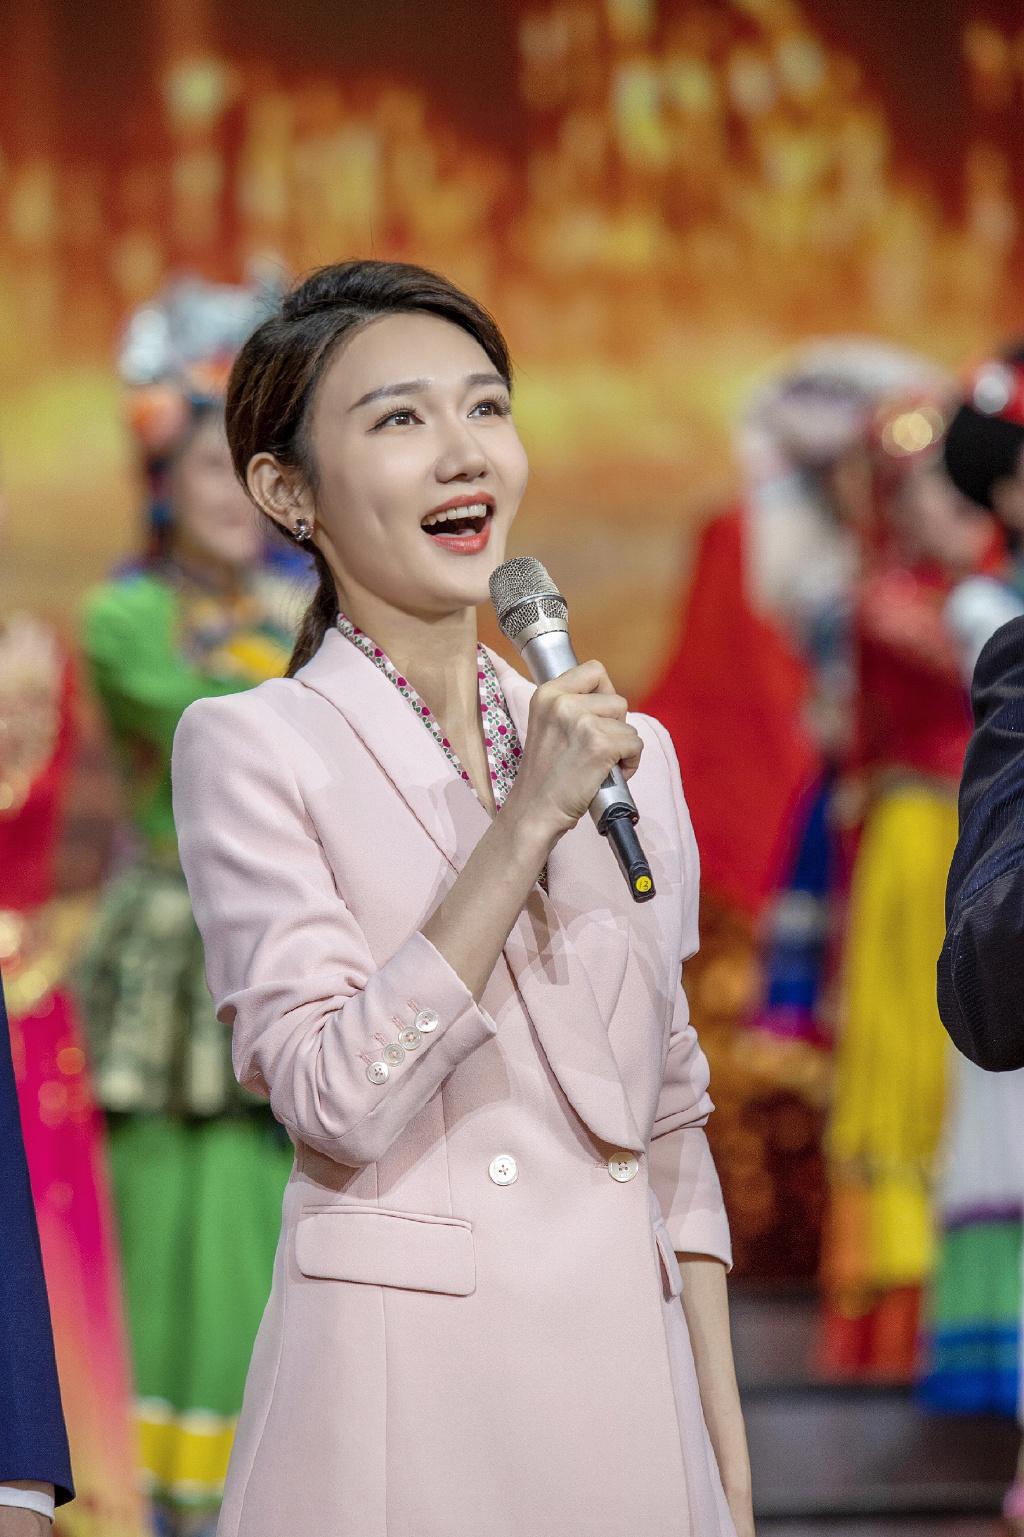 今年春晚年纪最小主持人龙洋火了,跳槽央视她的职业经历更励志